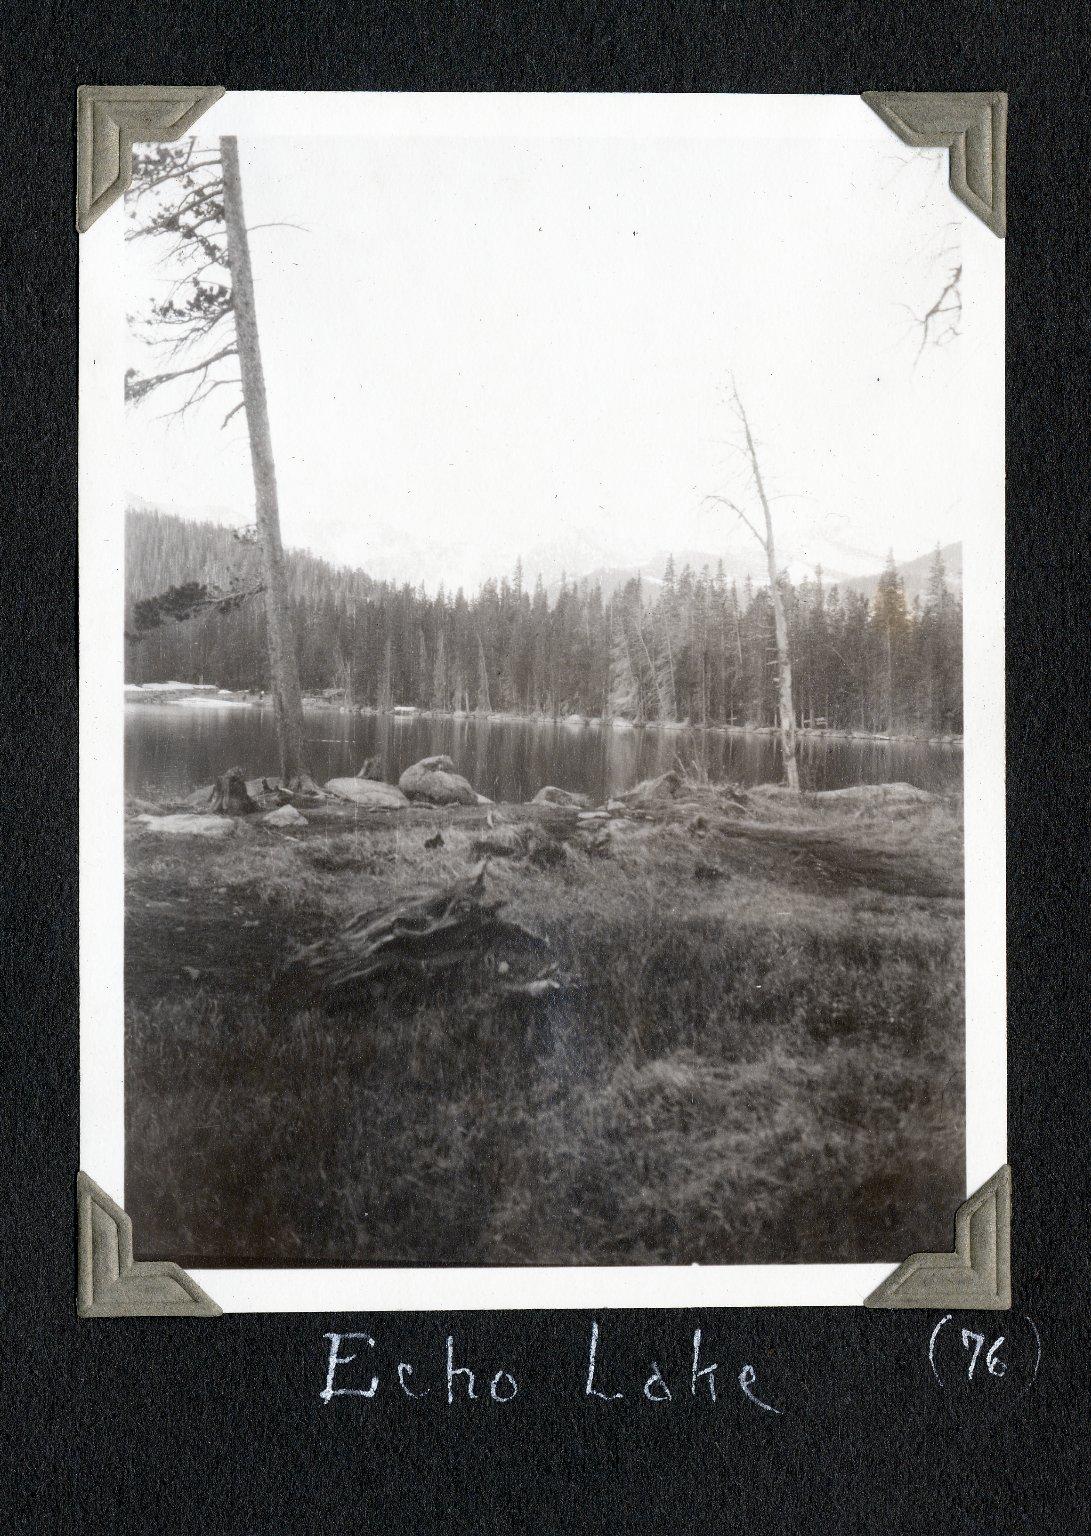 At Echo Lake